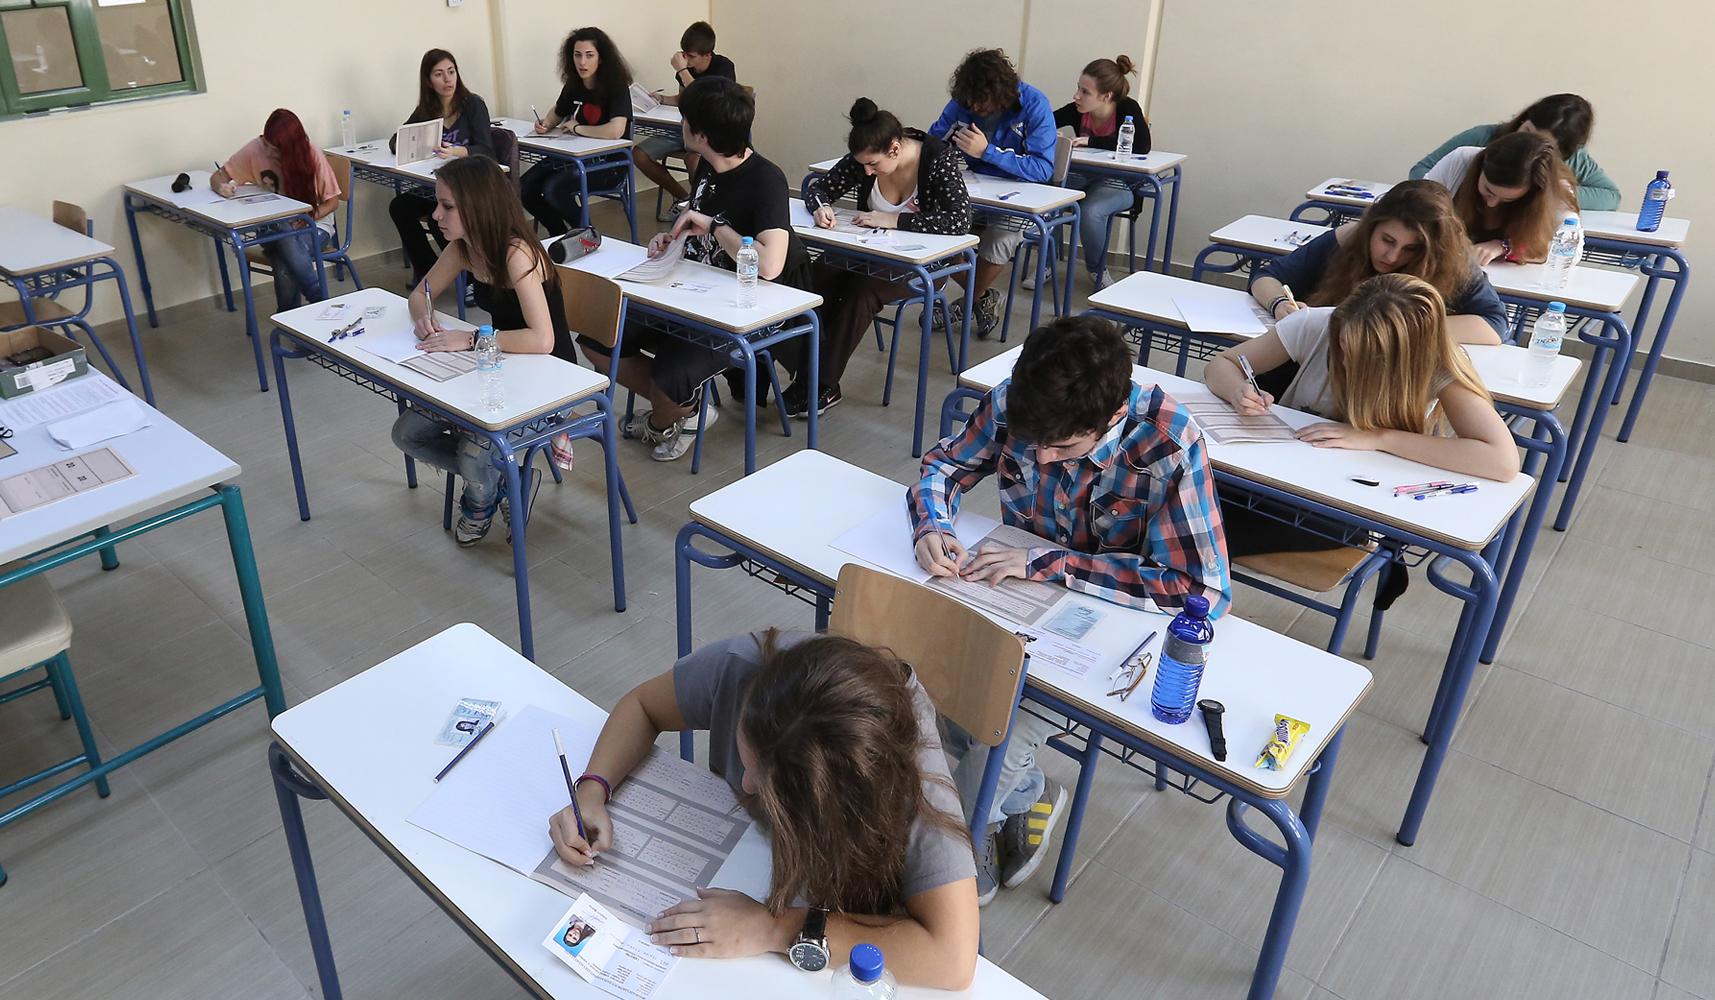 Πανελλαδικές εξετάσεις 2020: Οι αλλαγές έγιναν συνήθεια